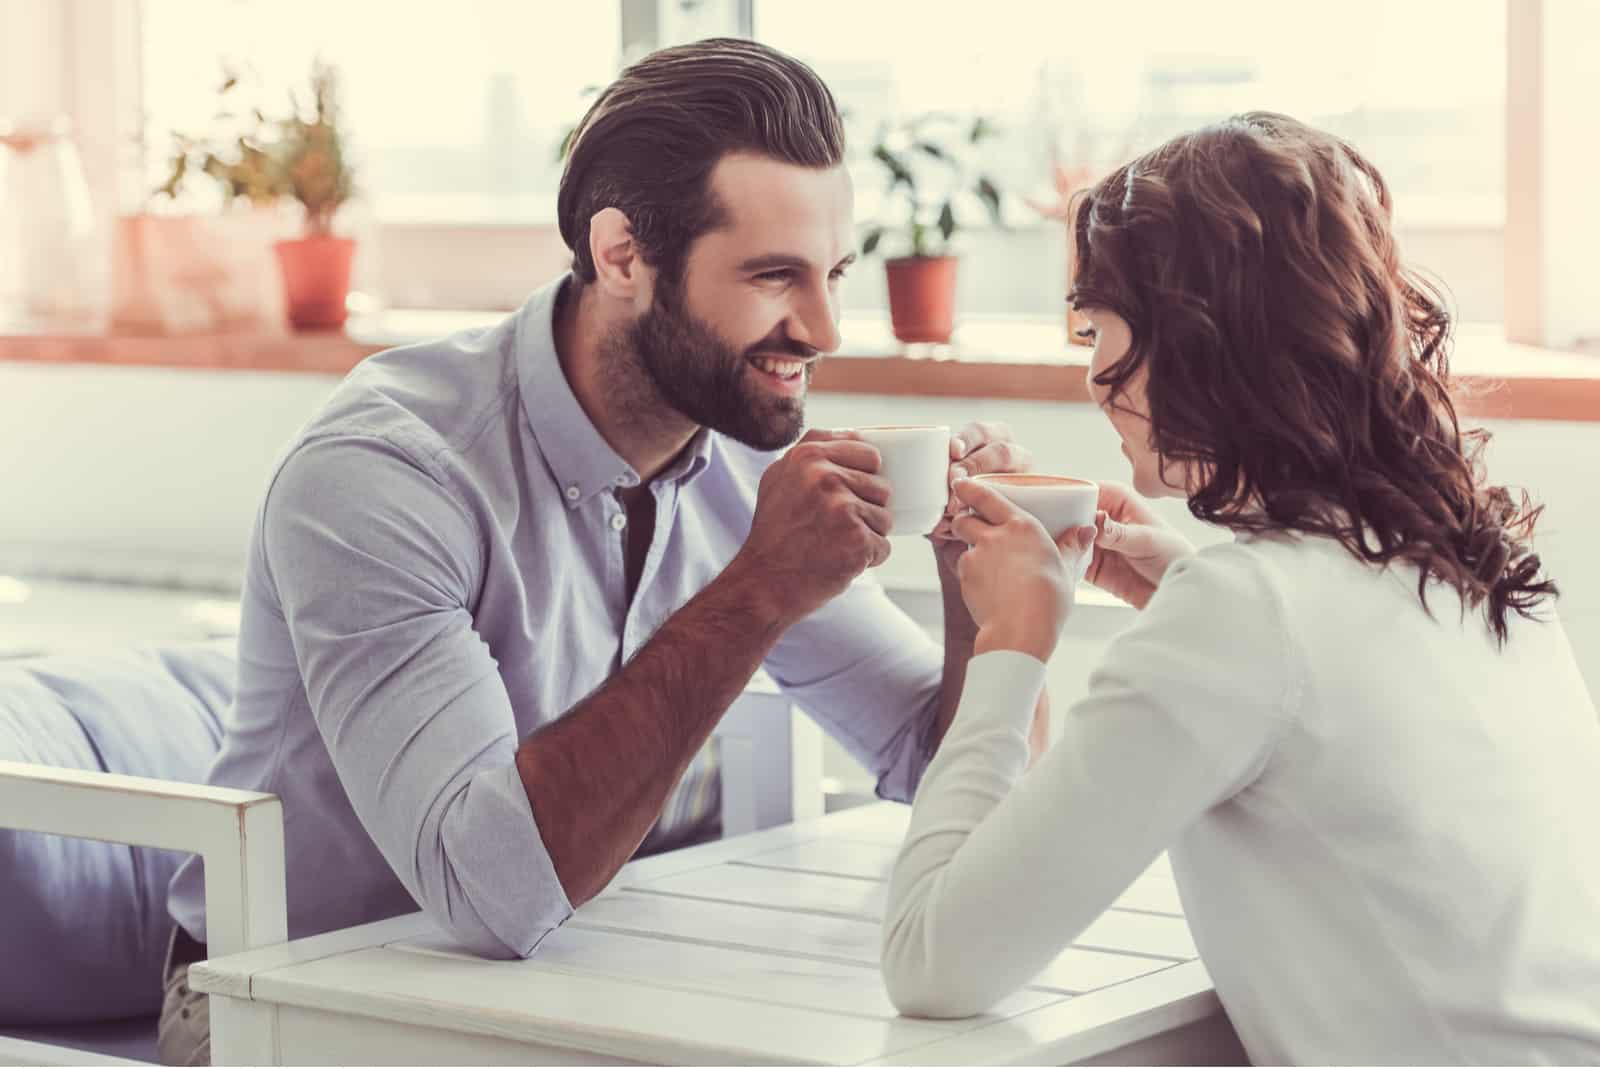 Ein lächelndes Paar flirtet bei einem Treffen in einem Café